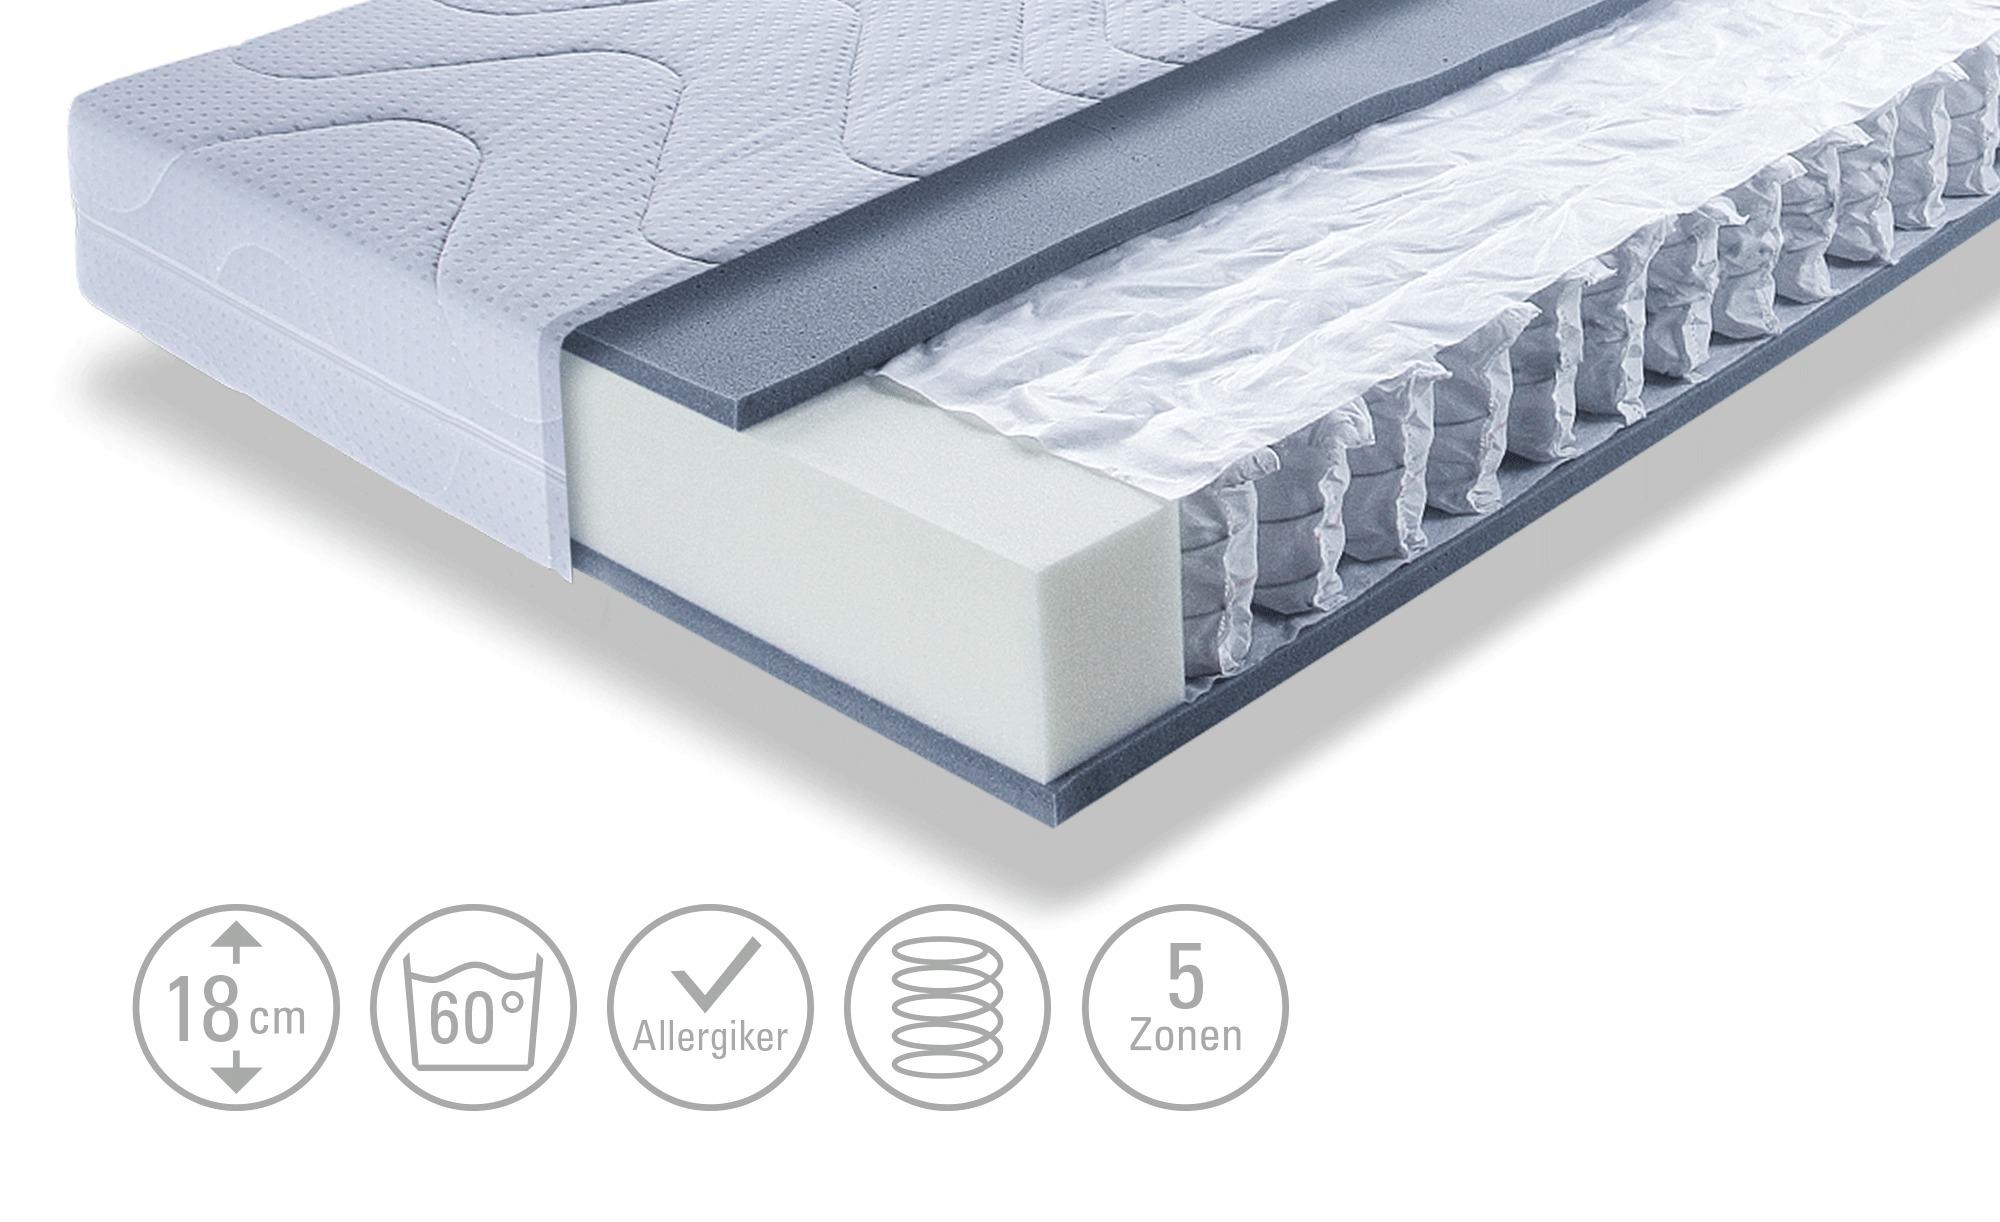 Dreamer eXpress Tonnentaschenfederkernmatratze - weiß - 80 cm - 18 cm - Matratzen & Zubehör > Federkernmatratzen - Möbel Kraft | Schlafzimmer > Matratzen > Federkernmatratzen | Dreamer eXpress